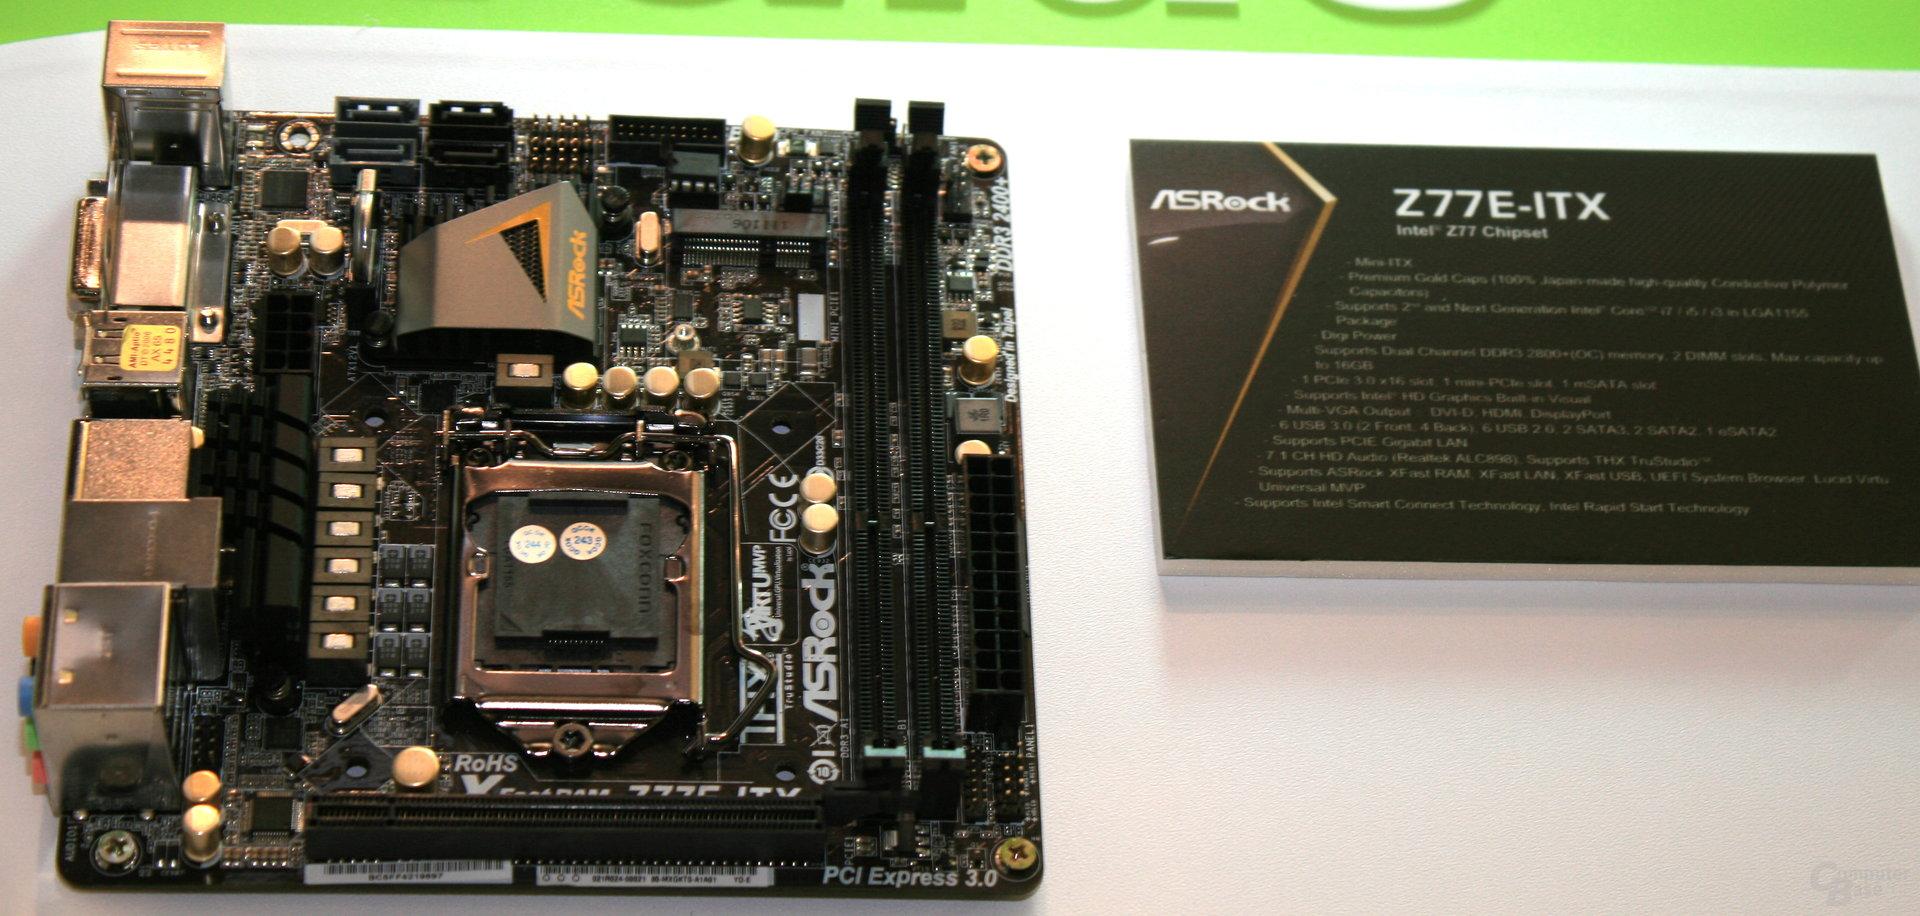 ASRock Z77E-ITX